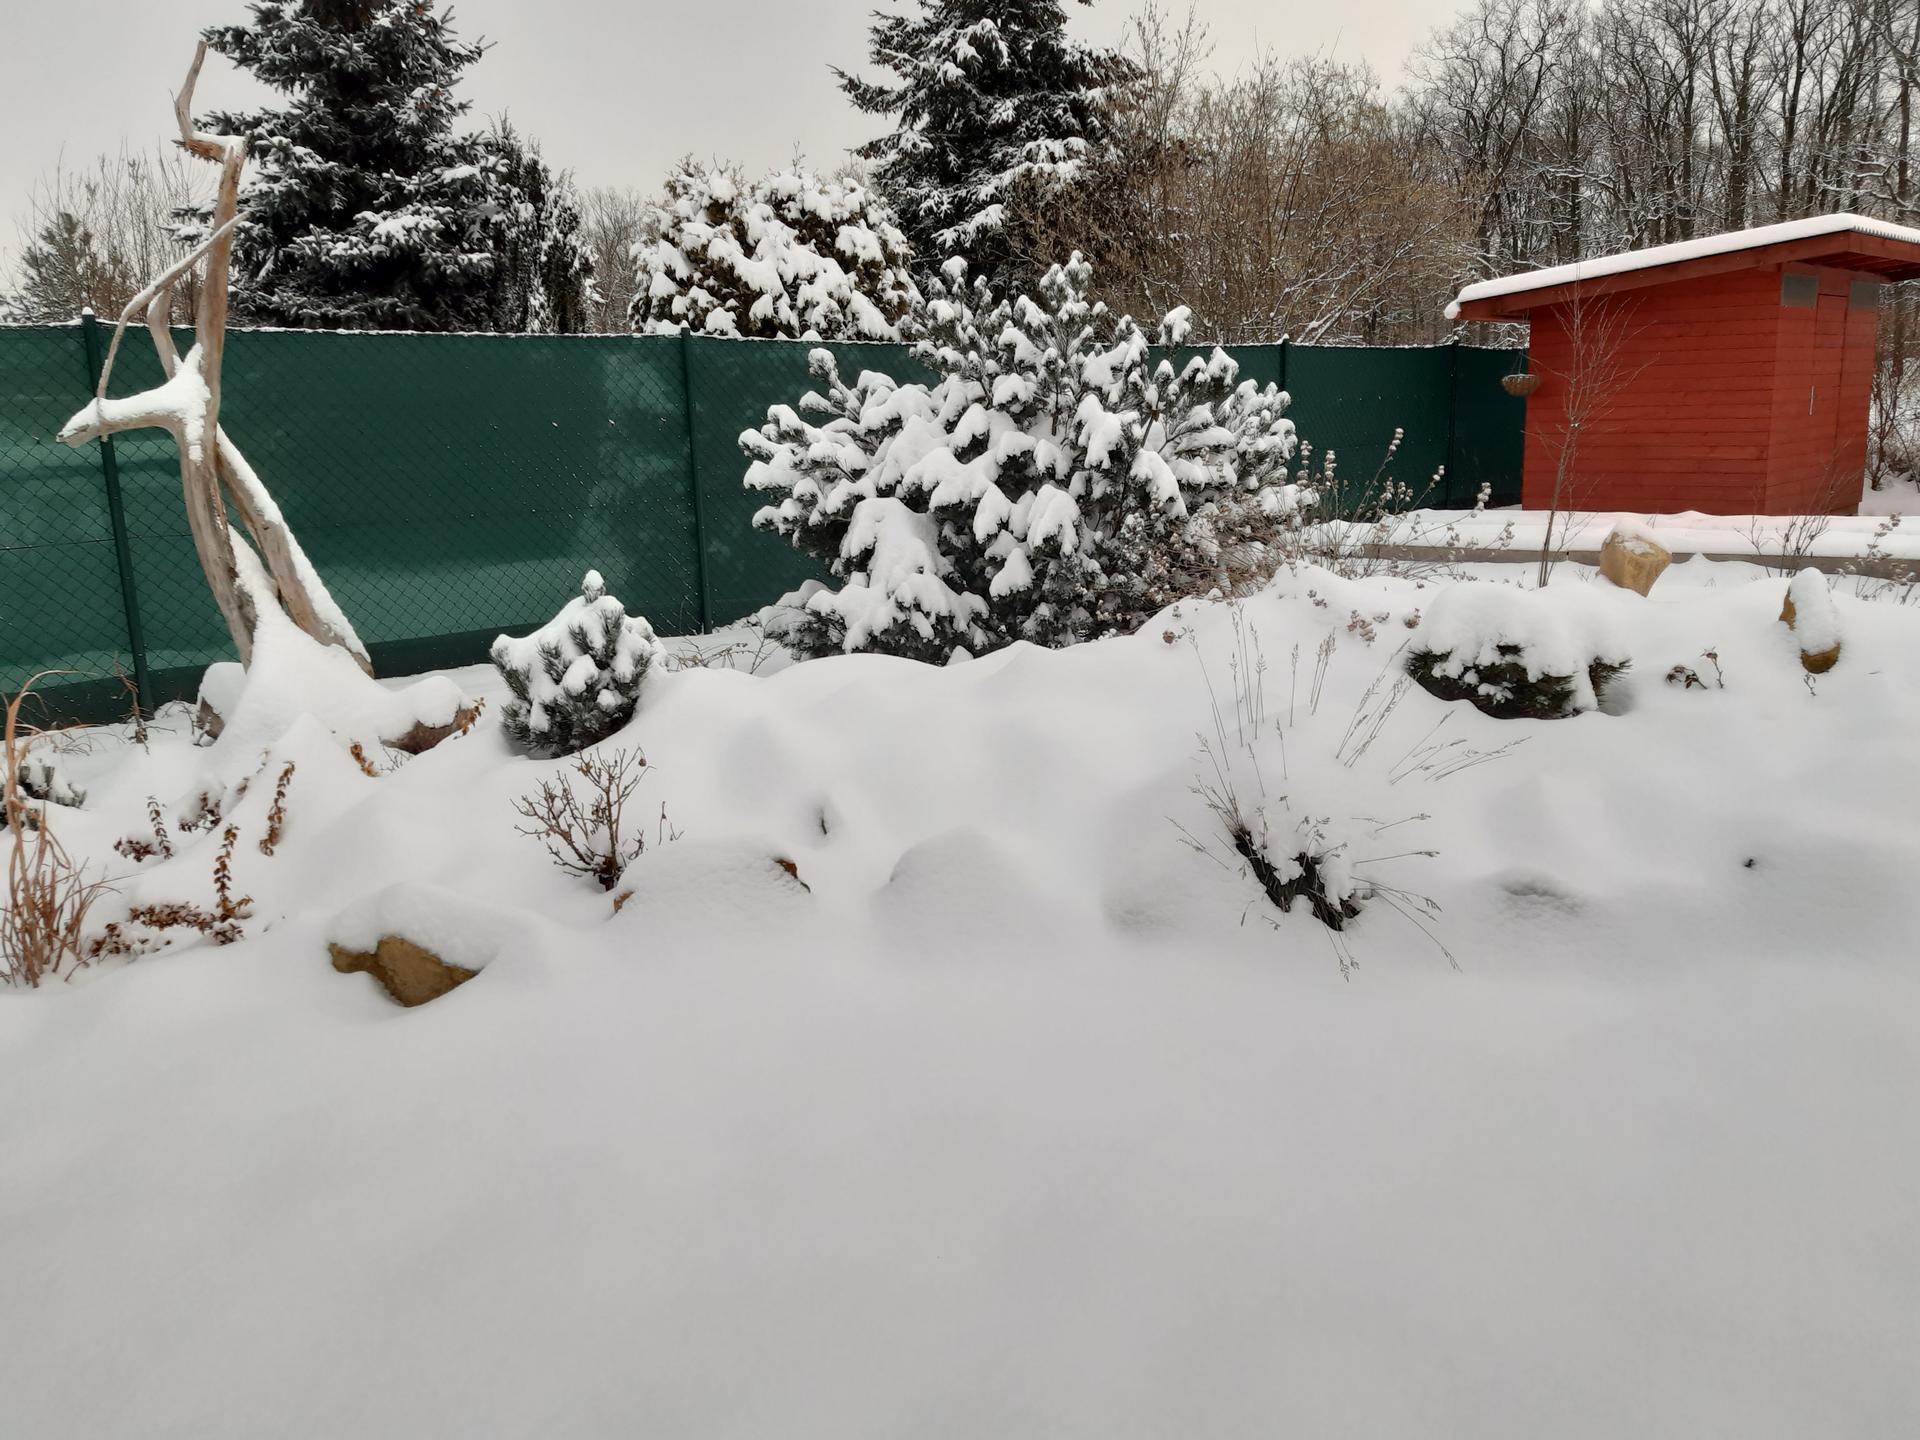 Zahrada 2021 - neskutečný, u nás v Polabí nasněžilo